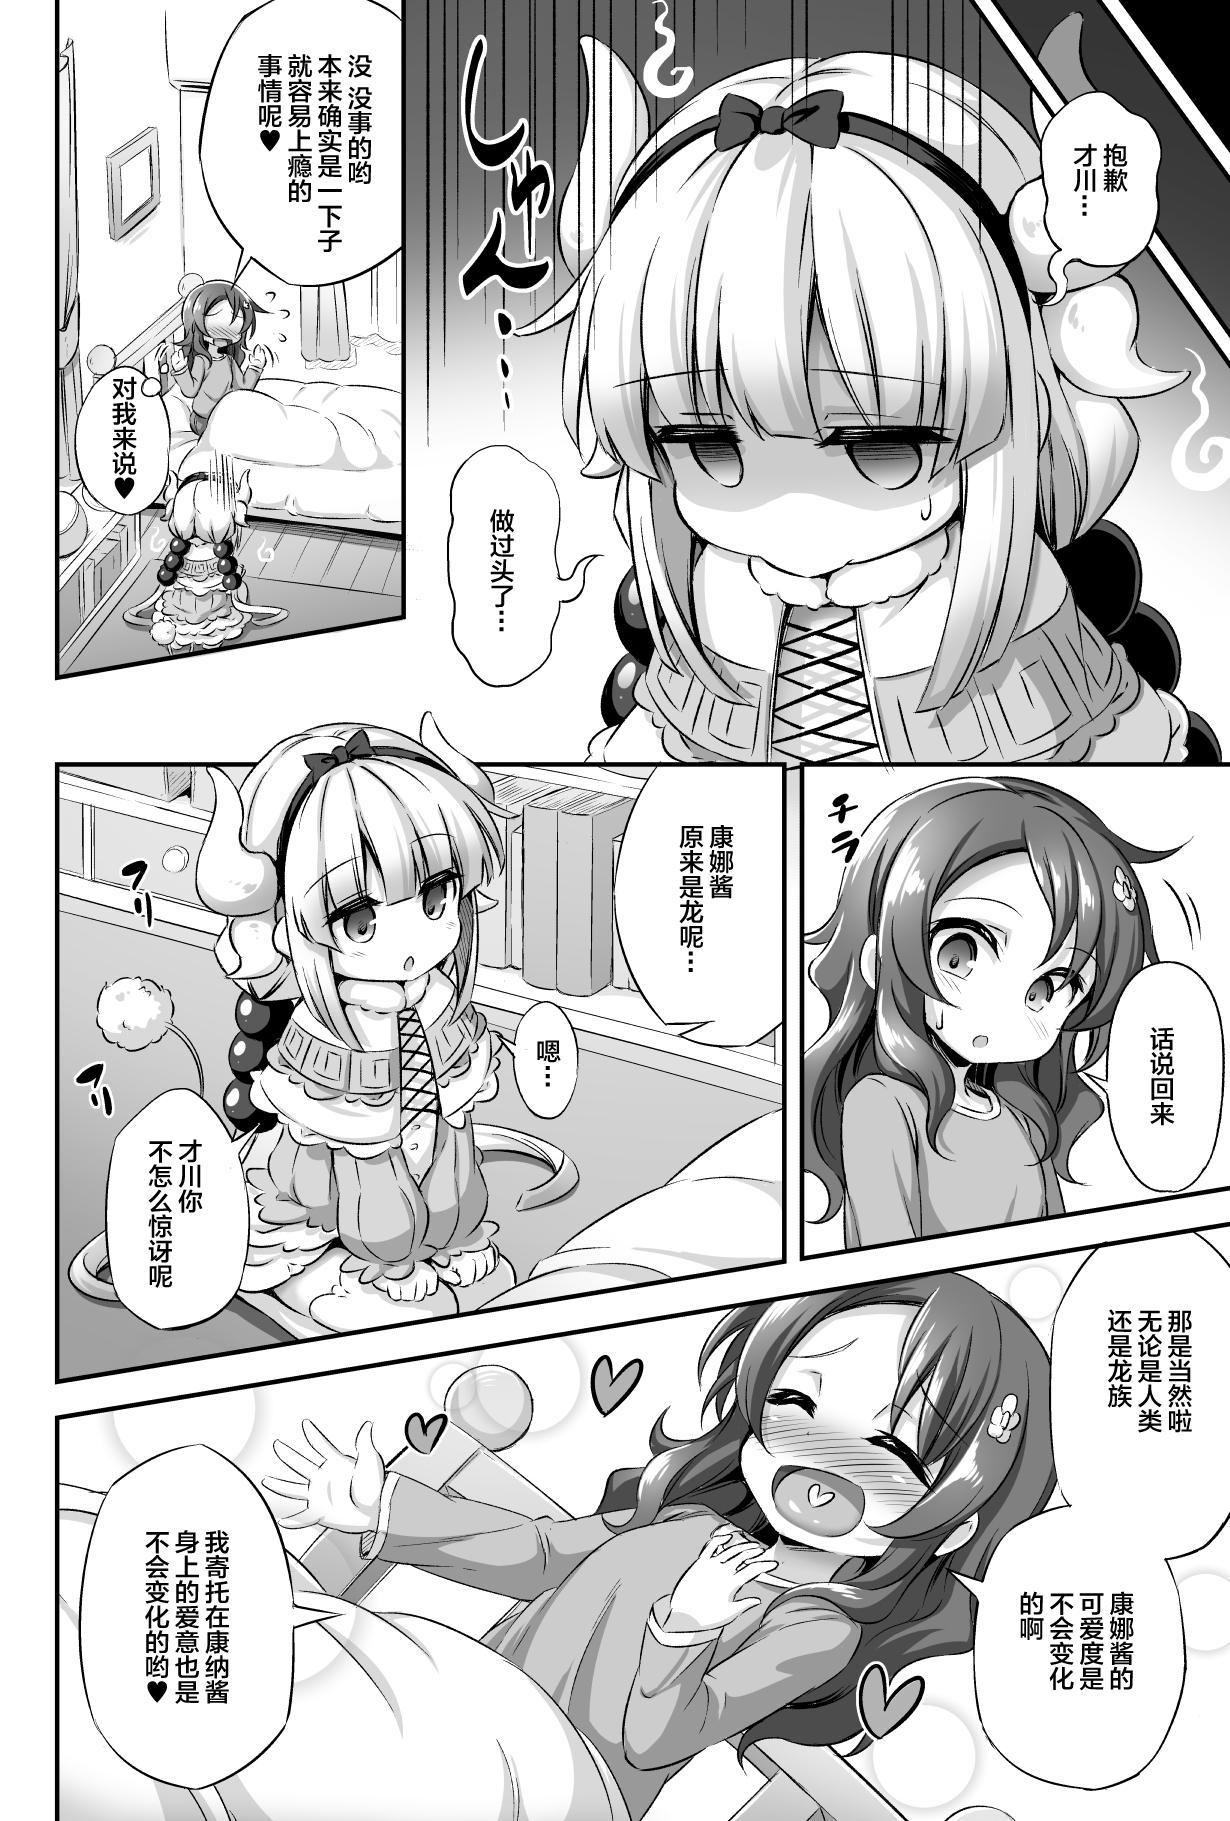 Loli & Futa Vol. 12 31